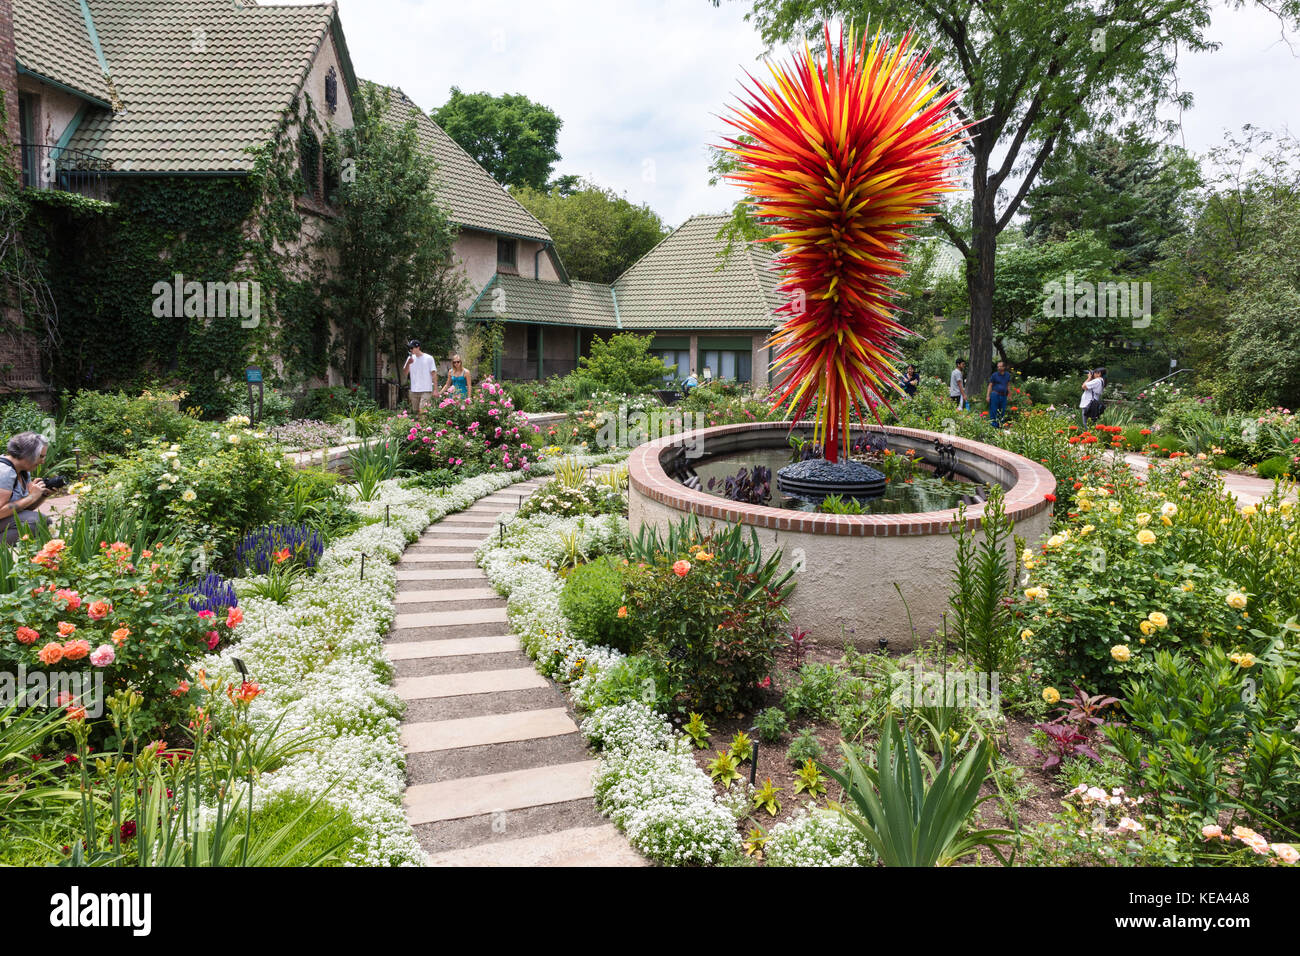 Denver Botanic Gardens Stock Photos Denver Botanic